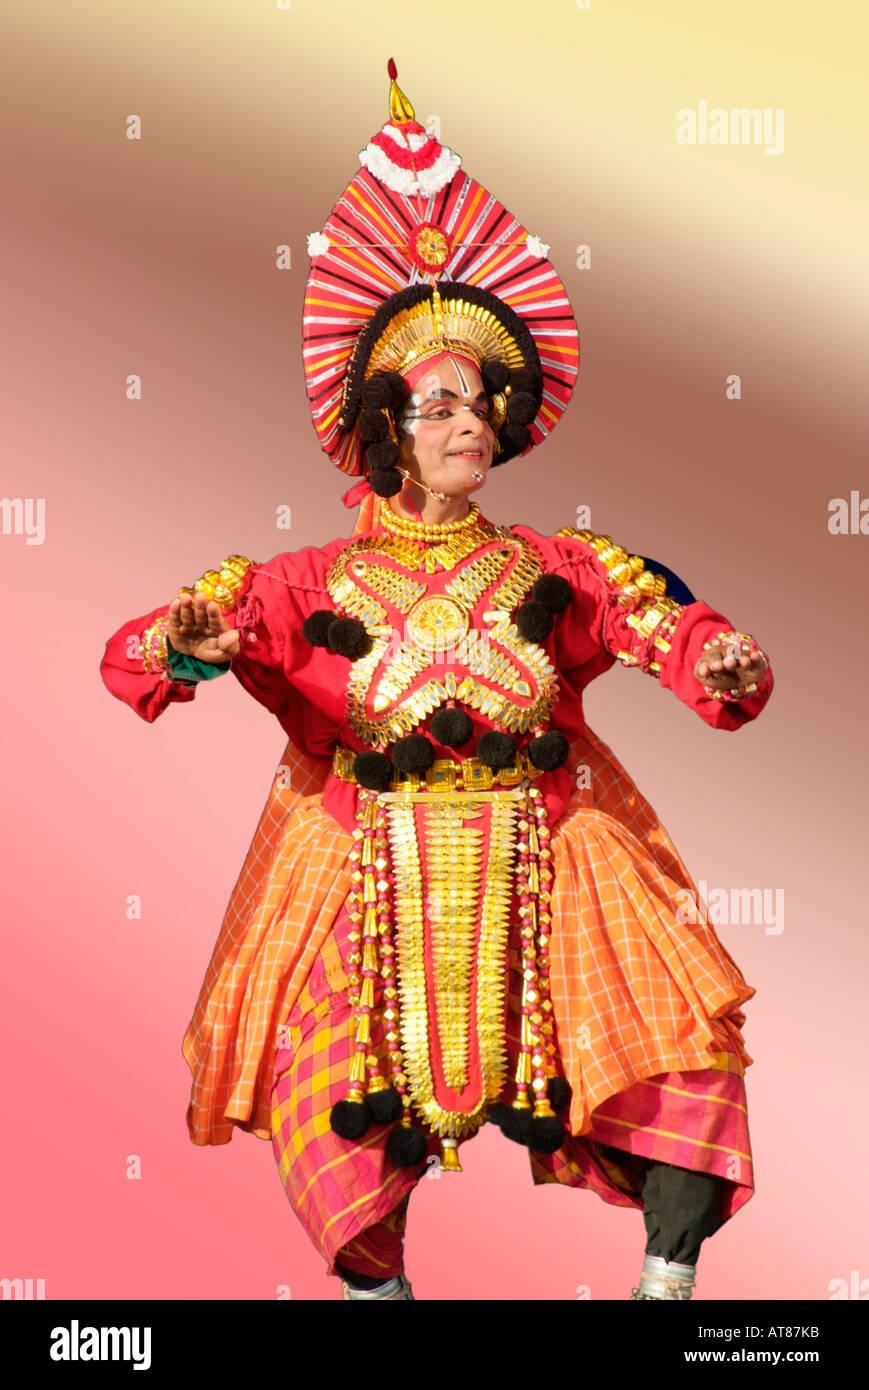 9e973c5311fa Dance costume Hindu festival image platt fields park environment Kathakali  dancer performer Kerala India ethnic